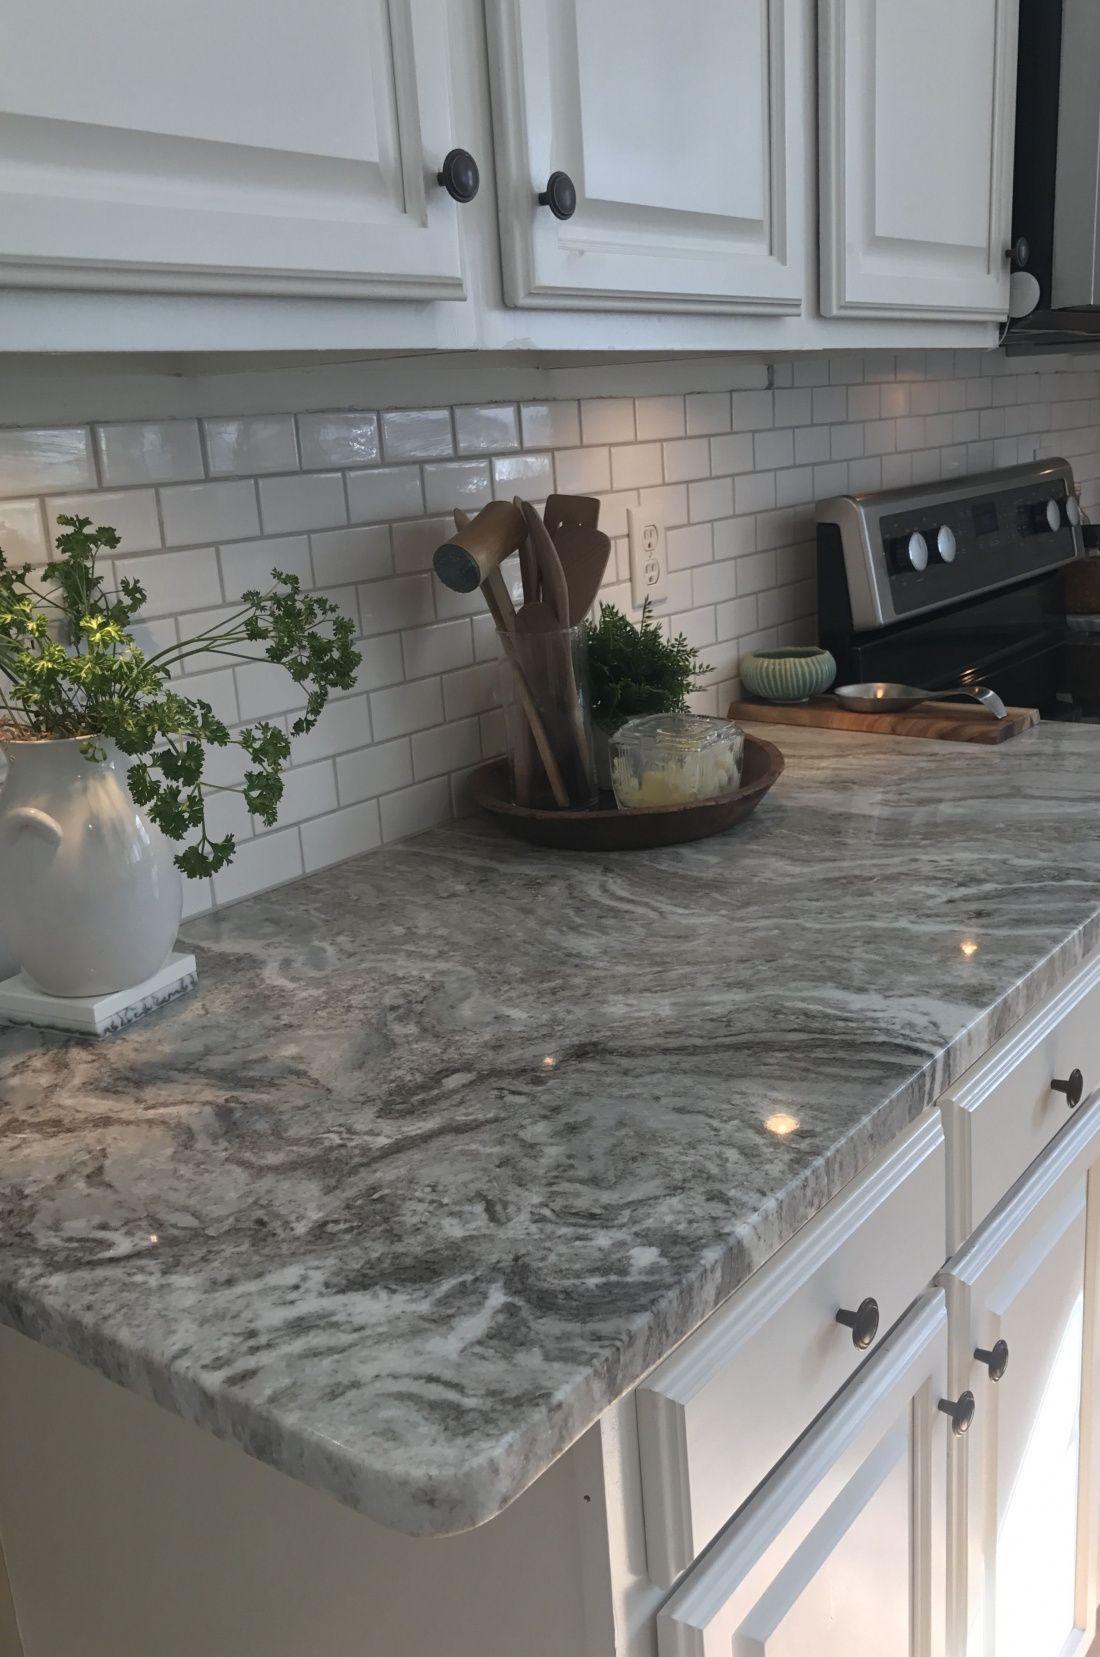 50 White Gray Granite Countertop Kitchen Cabinets Countertops Ideas Check Mor Cheap Kitchen Countertops Kitchen Remodel Countertops White Kitchen Backsplash